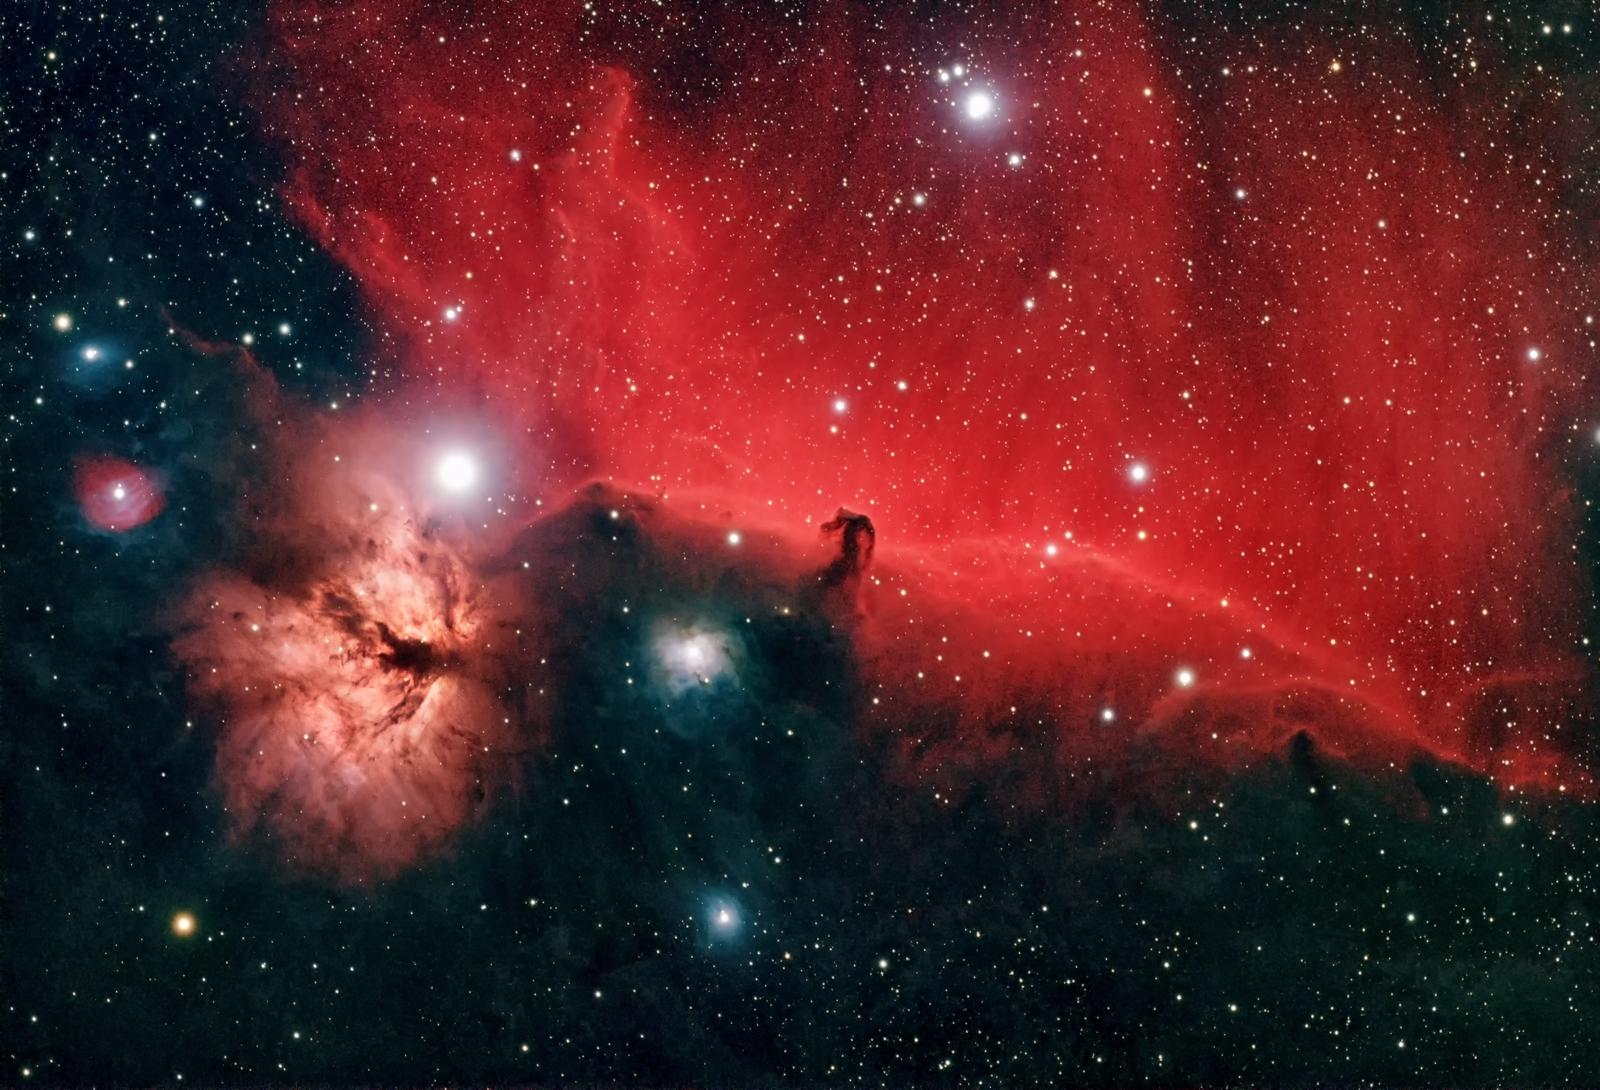 IC-434_Horsehead-Nebula-005-1.jpg